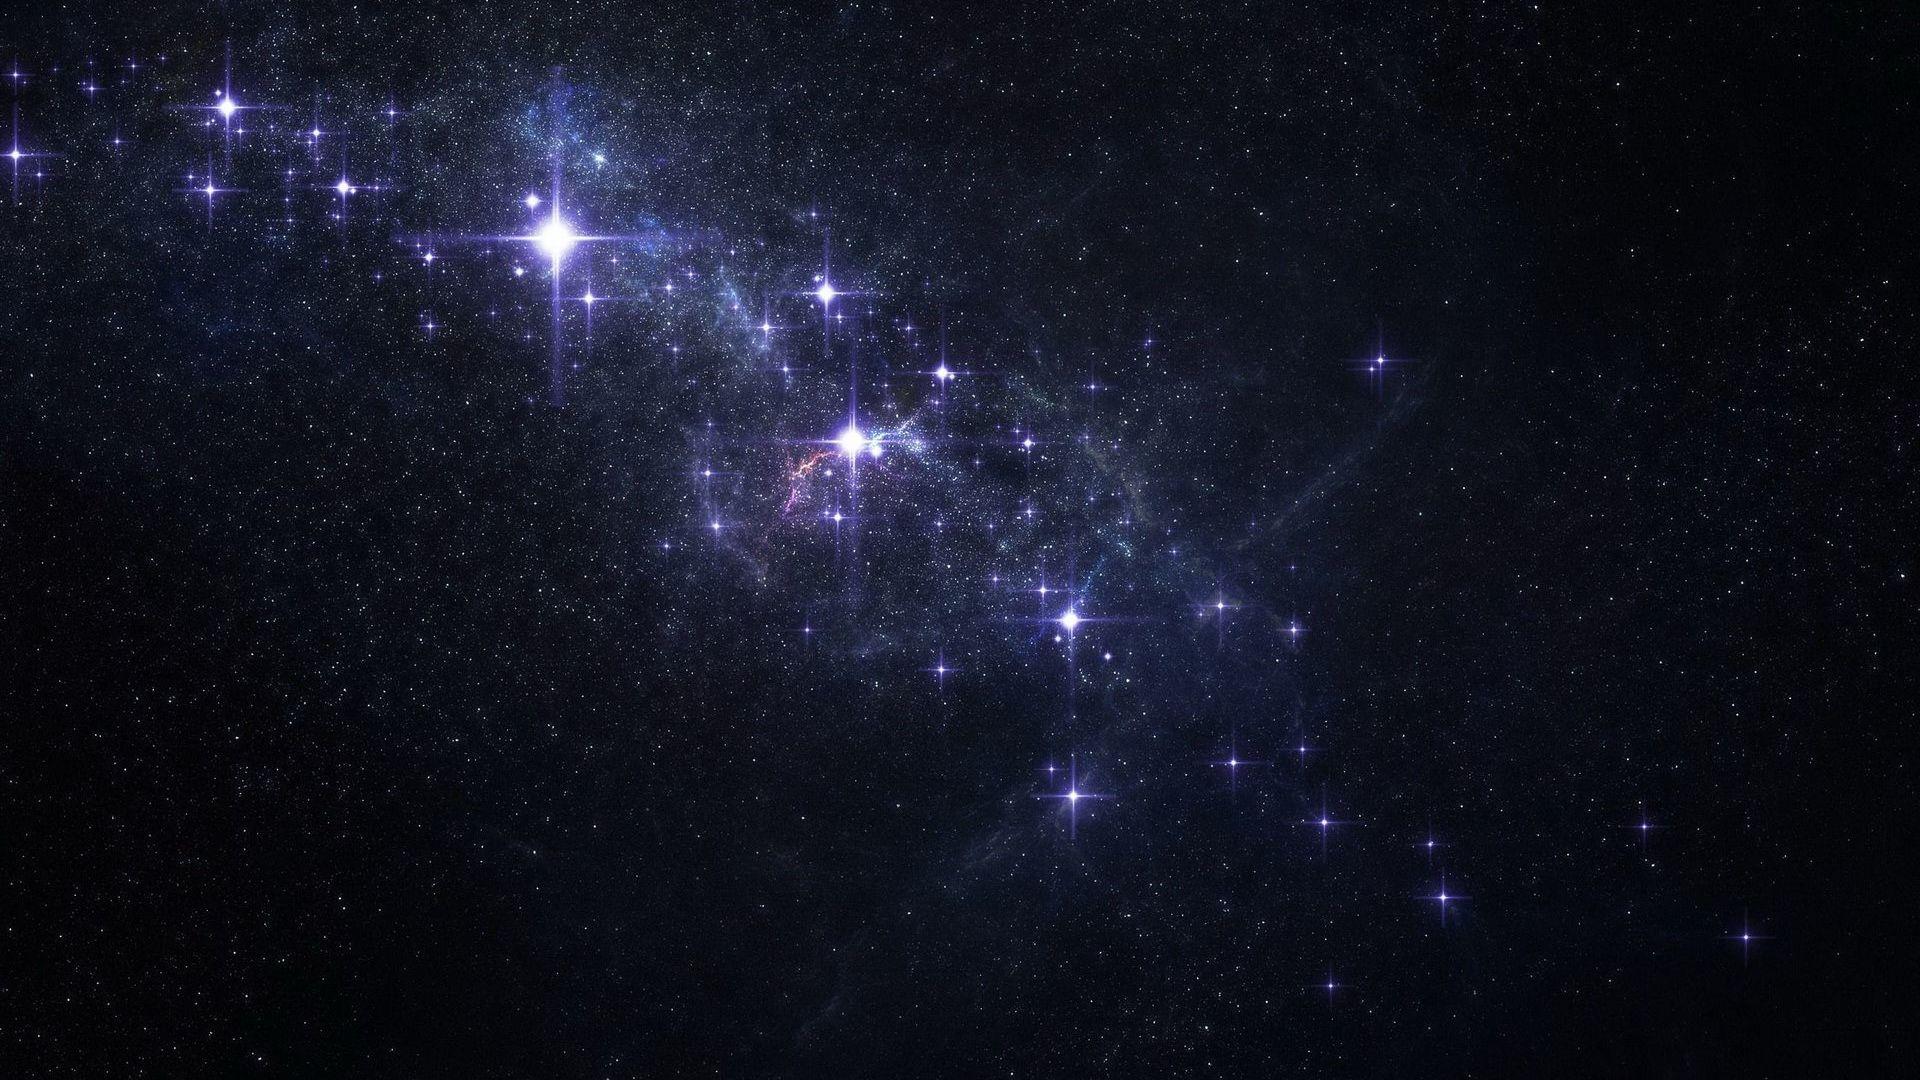 Shining Star Wallpaper 1920x1080